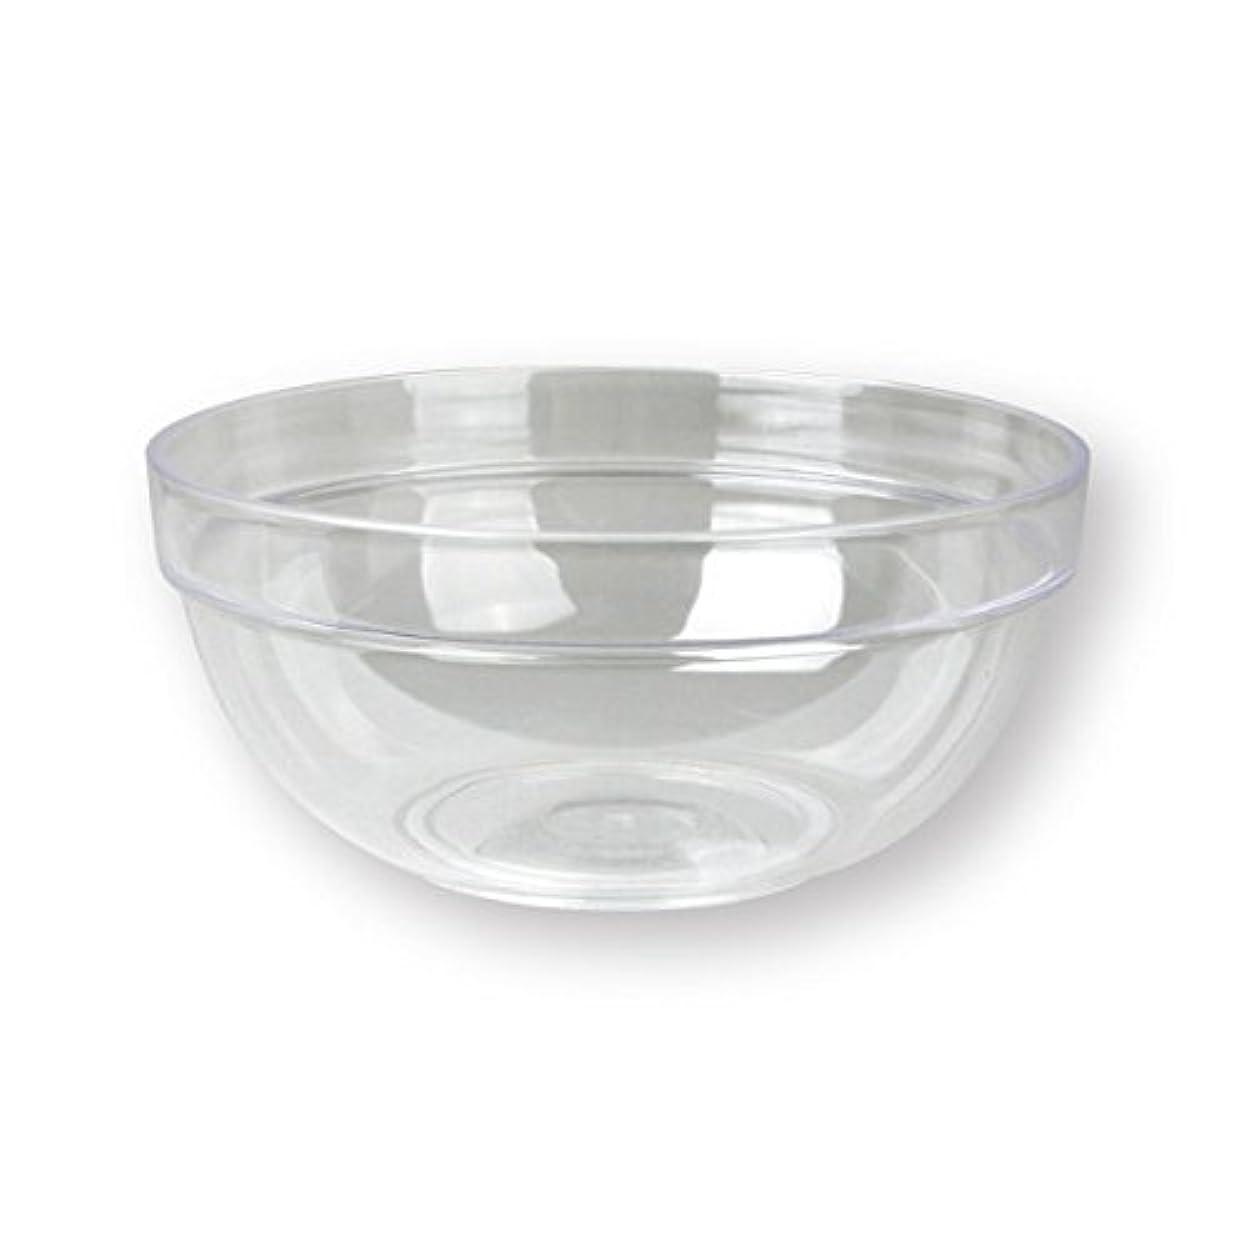 準備したリテラシー悪用4個セットプラスチックボール プラスチック ボウル カップクリア 直径20cm